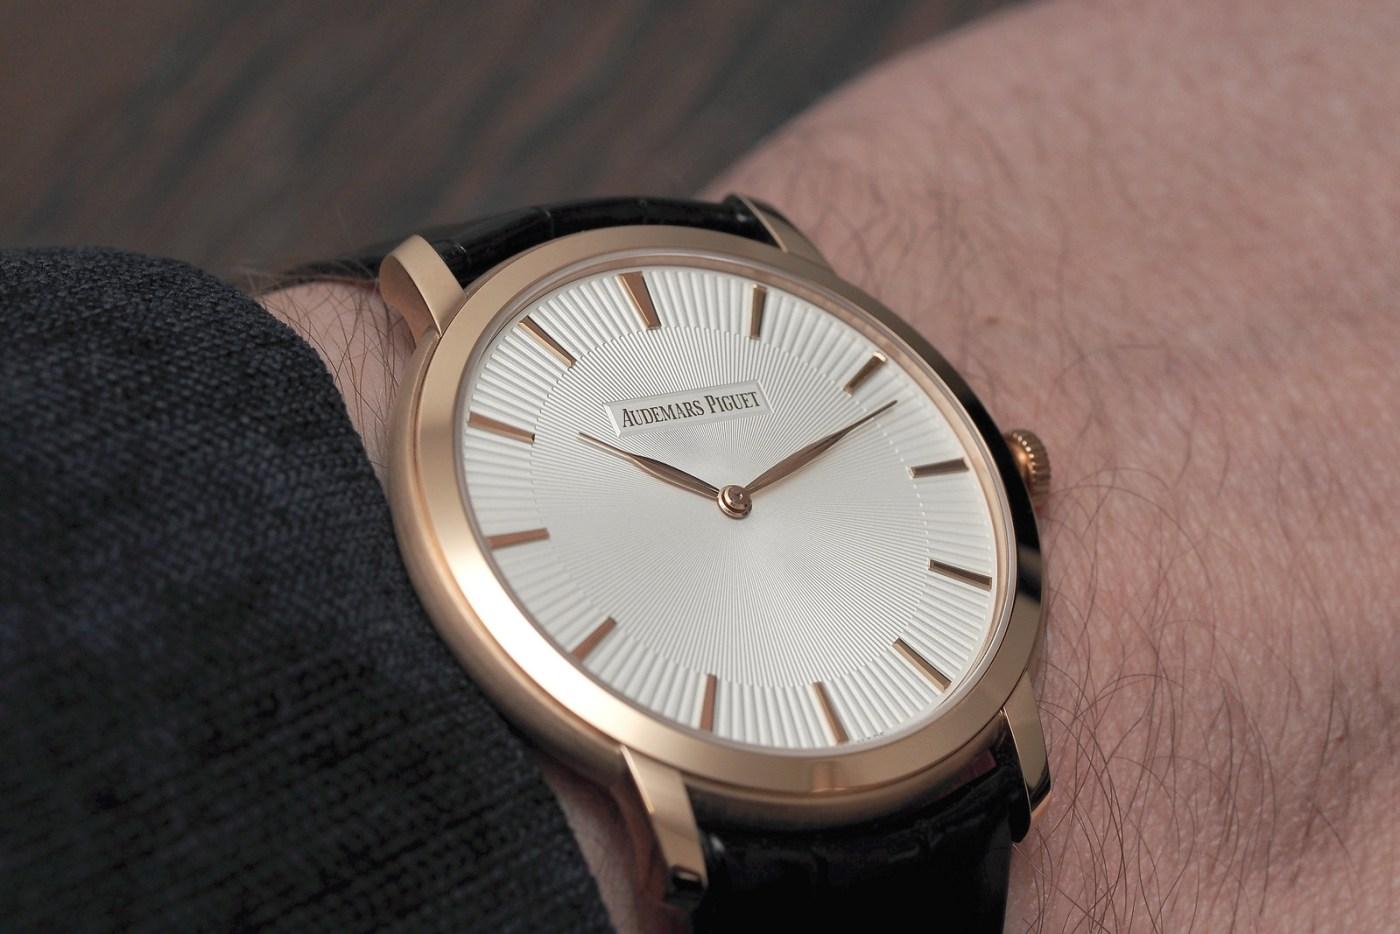 Audemars Piguet Jules Audemars Extra-Thin wristshot